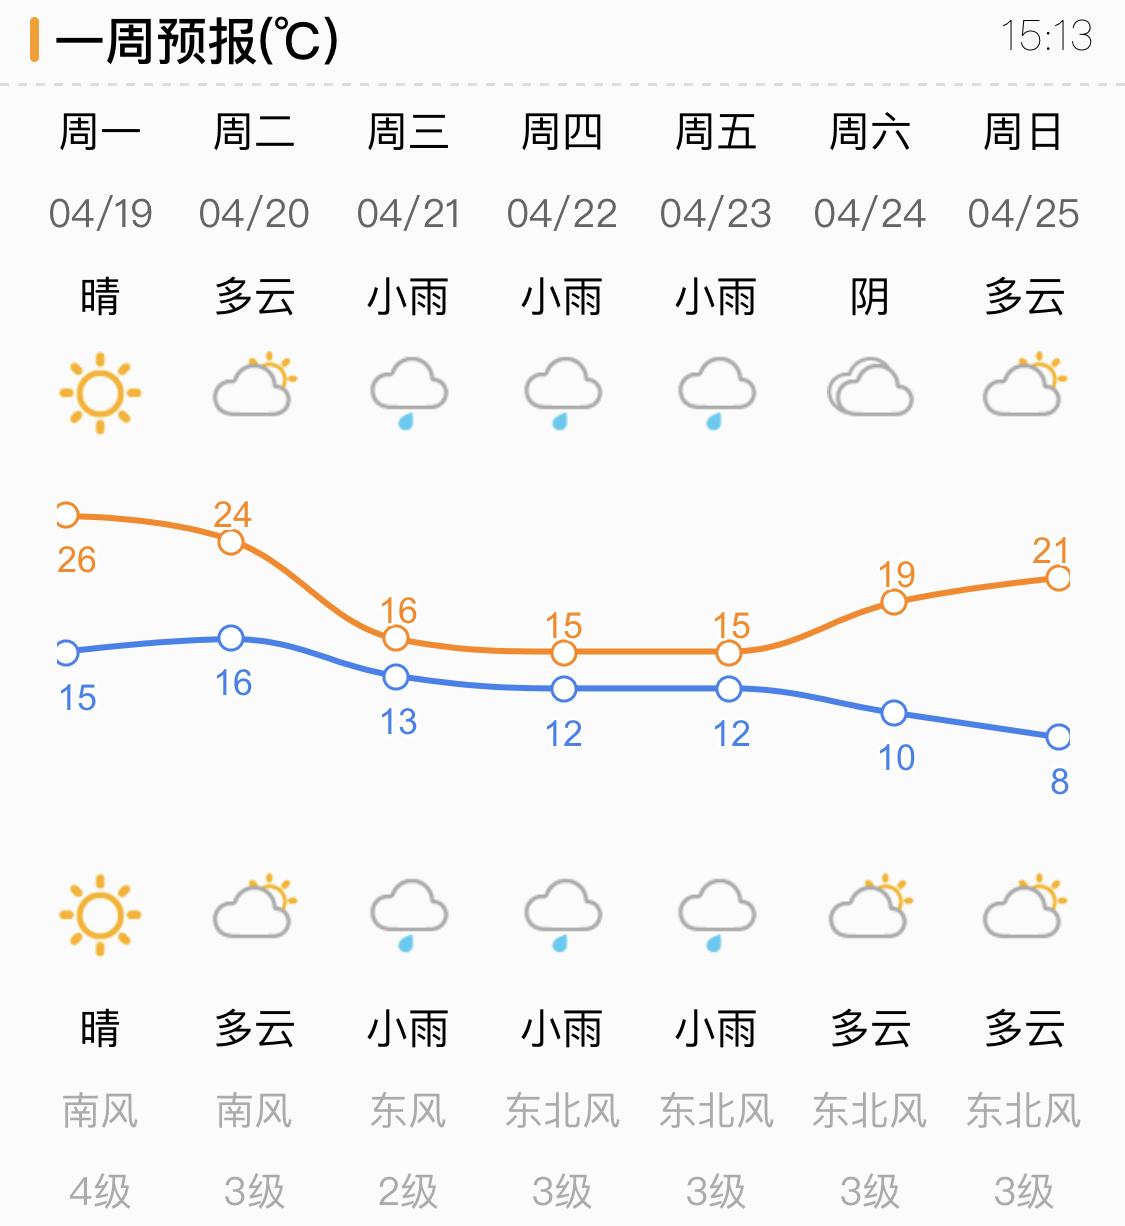 济南大风晴朗气温升温!明天最高温将达26℃ 下周还有降温雨